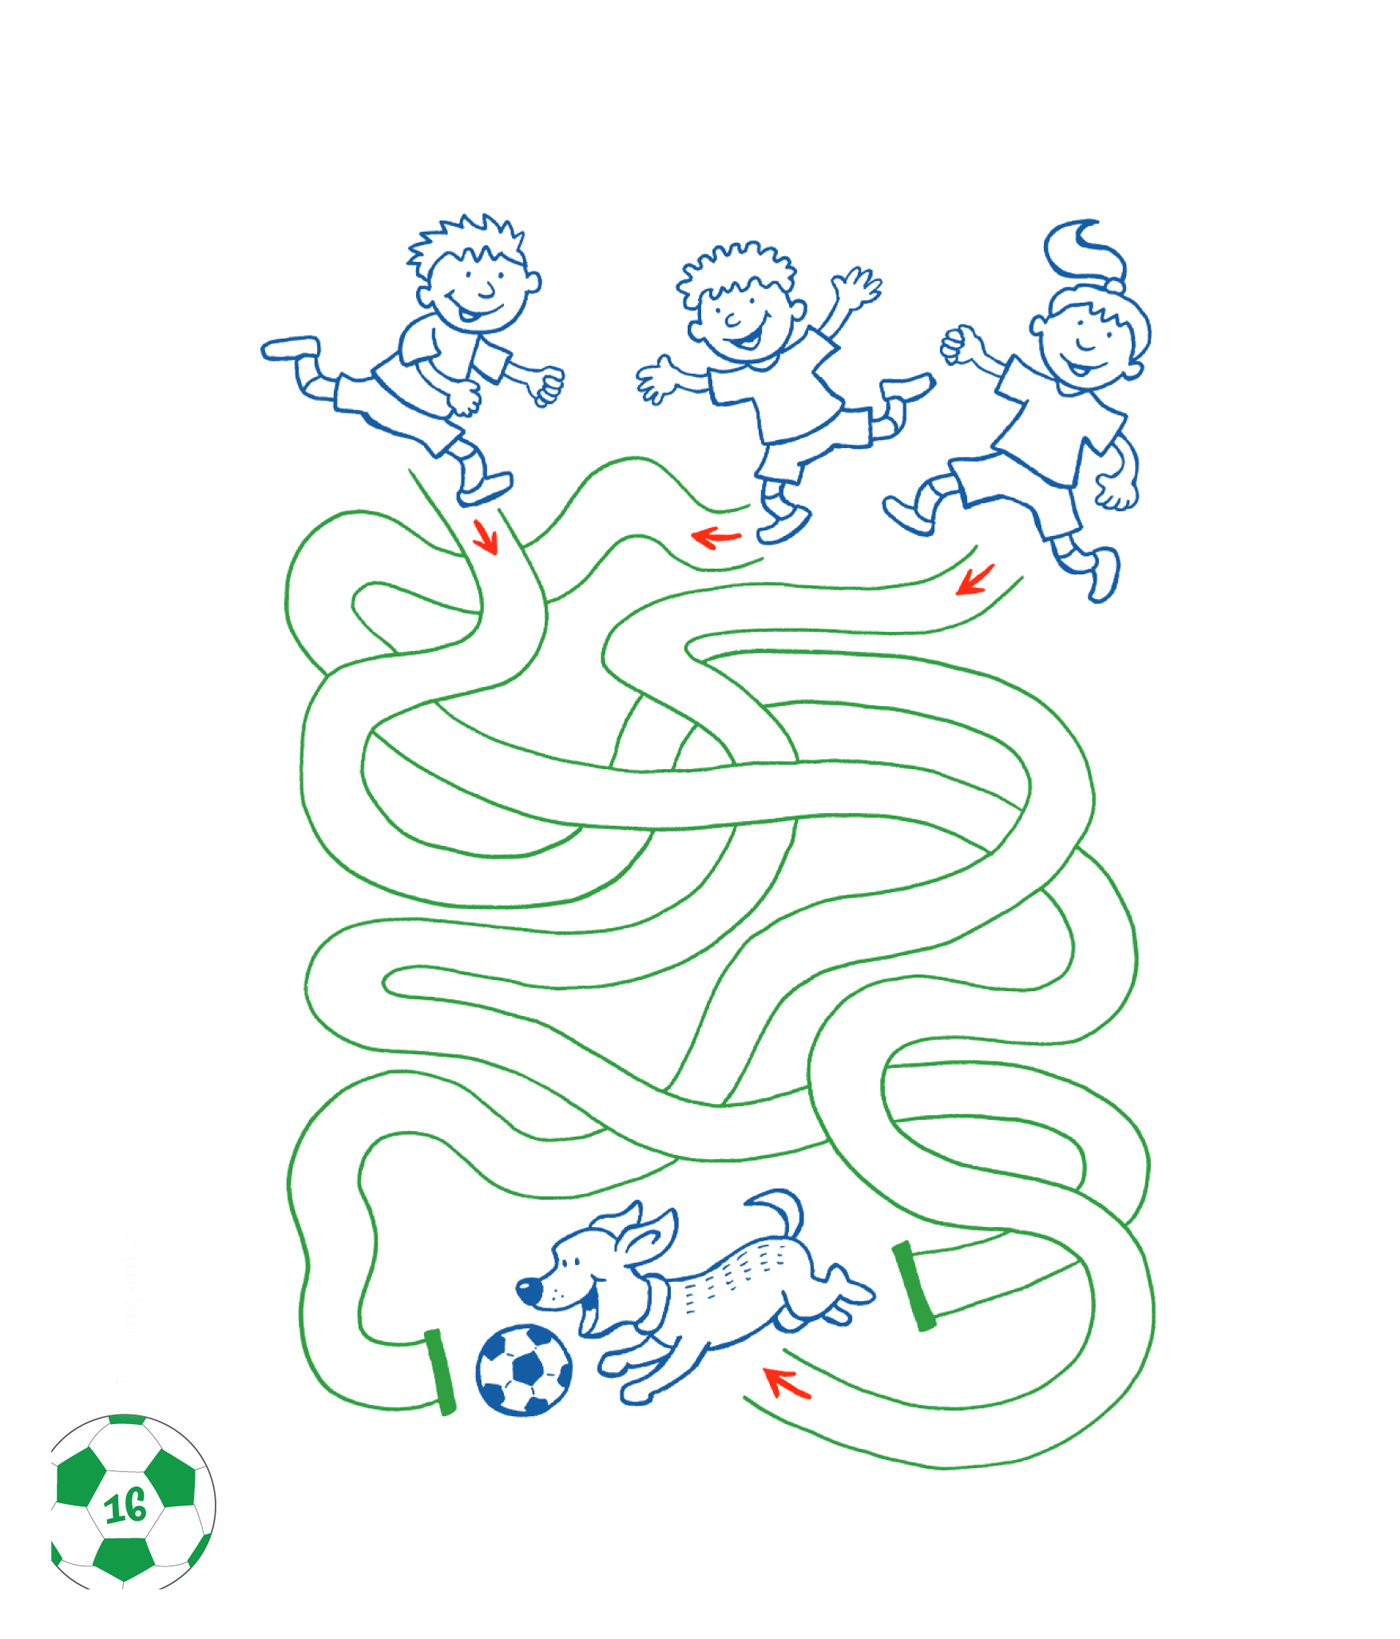 Mein Vorlese-Mitmach-Koffer Fußball: Wm-Rätsel - Heldenstücke über Rätsel Für Kleinkinder Zum Ausdrucken